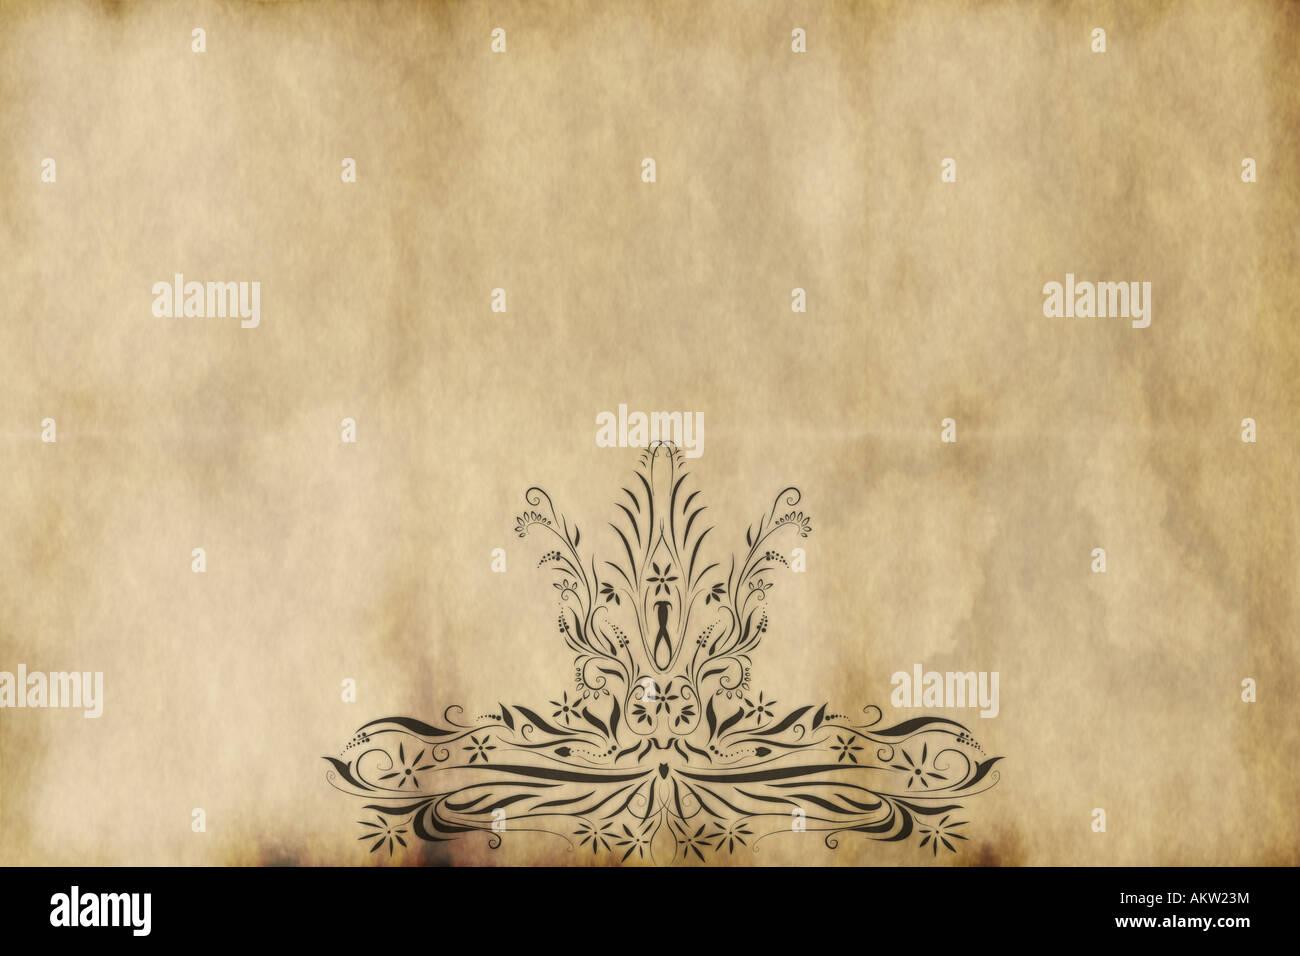 Design im königlichen Stil auf altem Papier gedruckt Stockbild